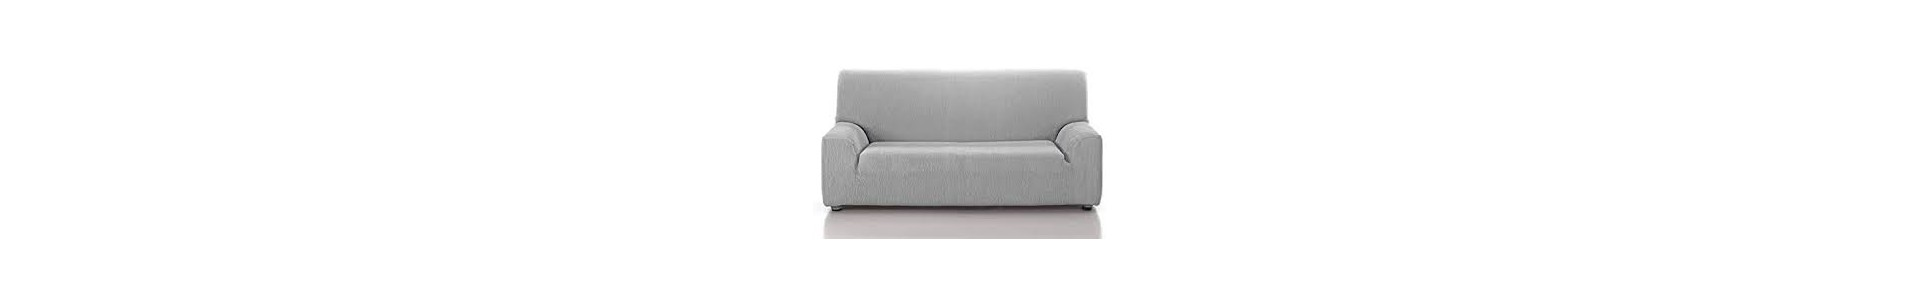 Funda sofá | Tiendas Pavo